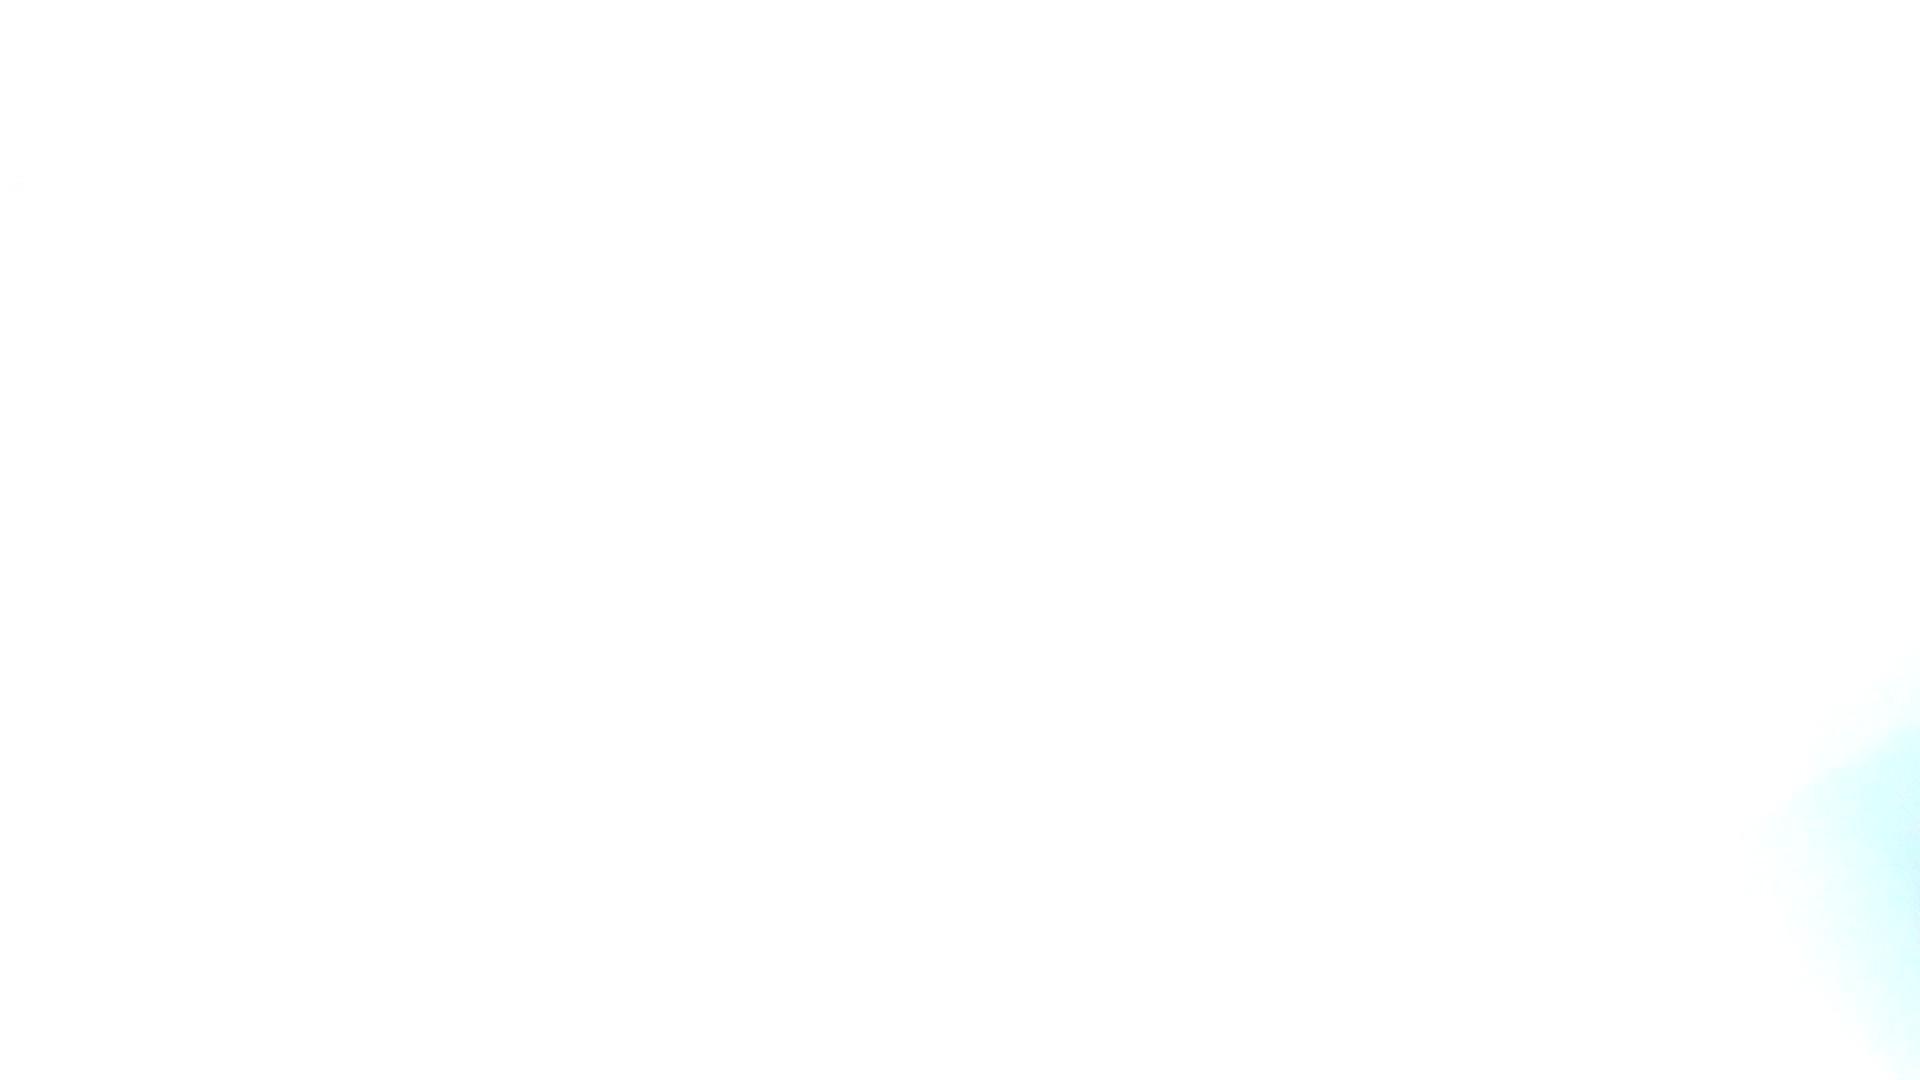 ※100個限定販売 至高下半身盗撮 プレミアム Vol.27 ハイビジョン 盗撮で悶絶 SEX無修正画像 103画像 29